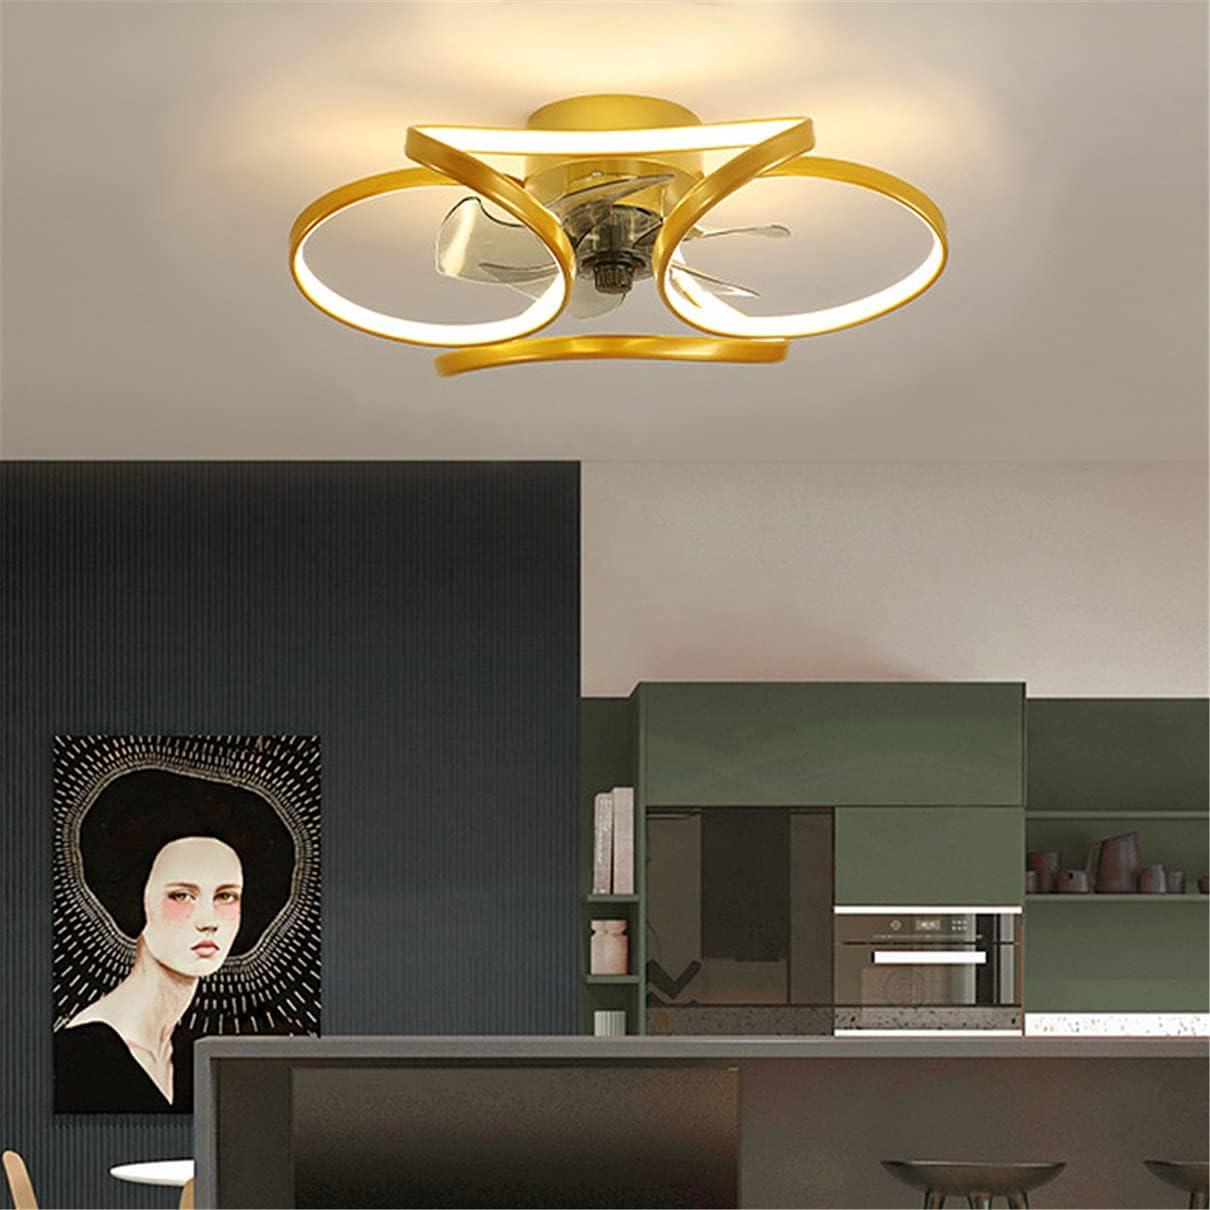 YUNLONG Ventilador Techo con Luz Minisun, Dormitorio Led Moderno Silencioso Salon Luz con Ventilador Techo, Cocina Regulable 45CM 5 Cuchillas 45W Potente Ventiladores De Techo con Luz,Oro